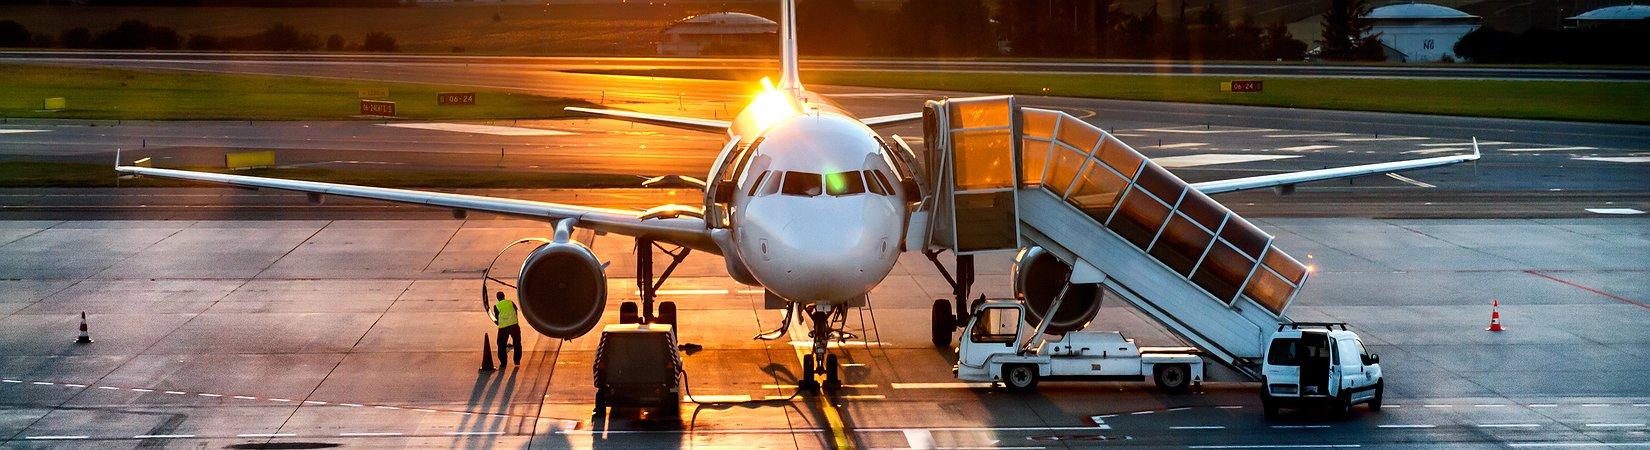 Brasil: crise reduziu voos para o exterior